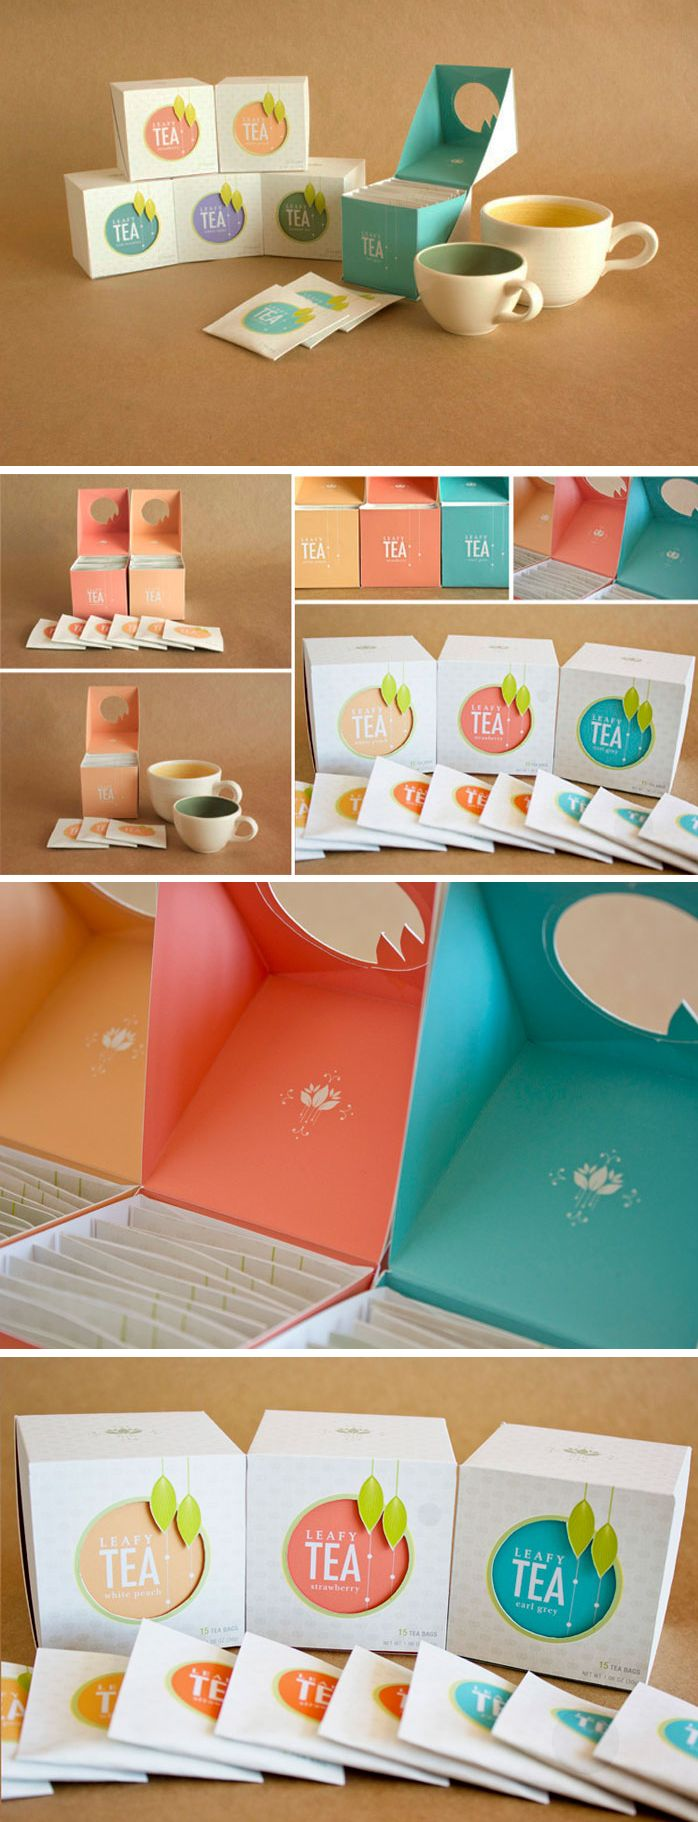 Creativo y minimalista diseño de packaging en tonos pastel #packaging